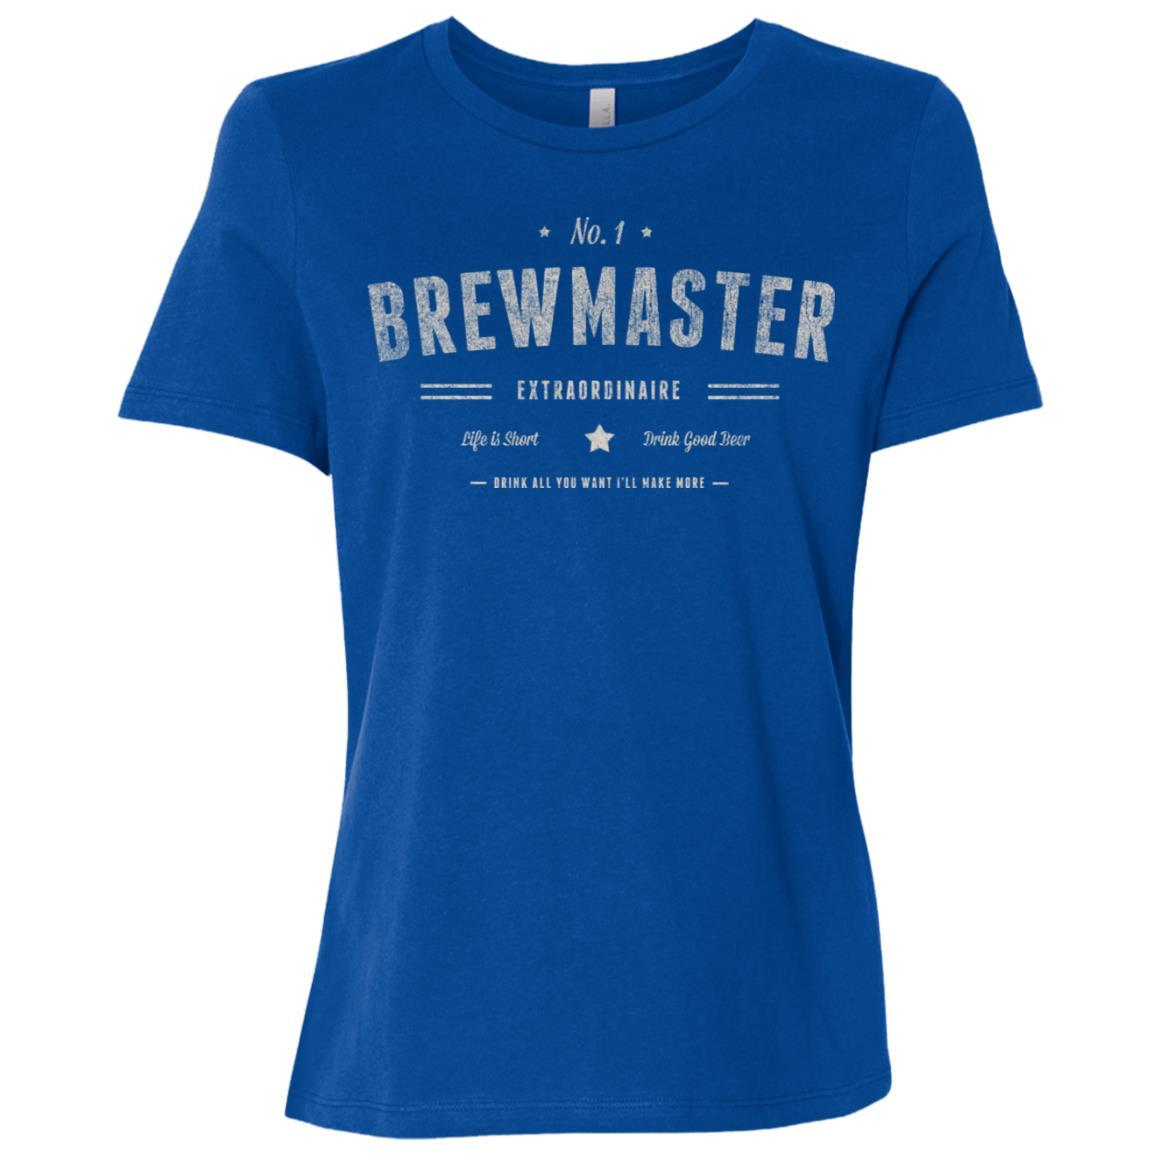 Brewmaster Extraordinaire Beer Brewer Women Short Sleeve T-Shirt